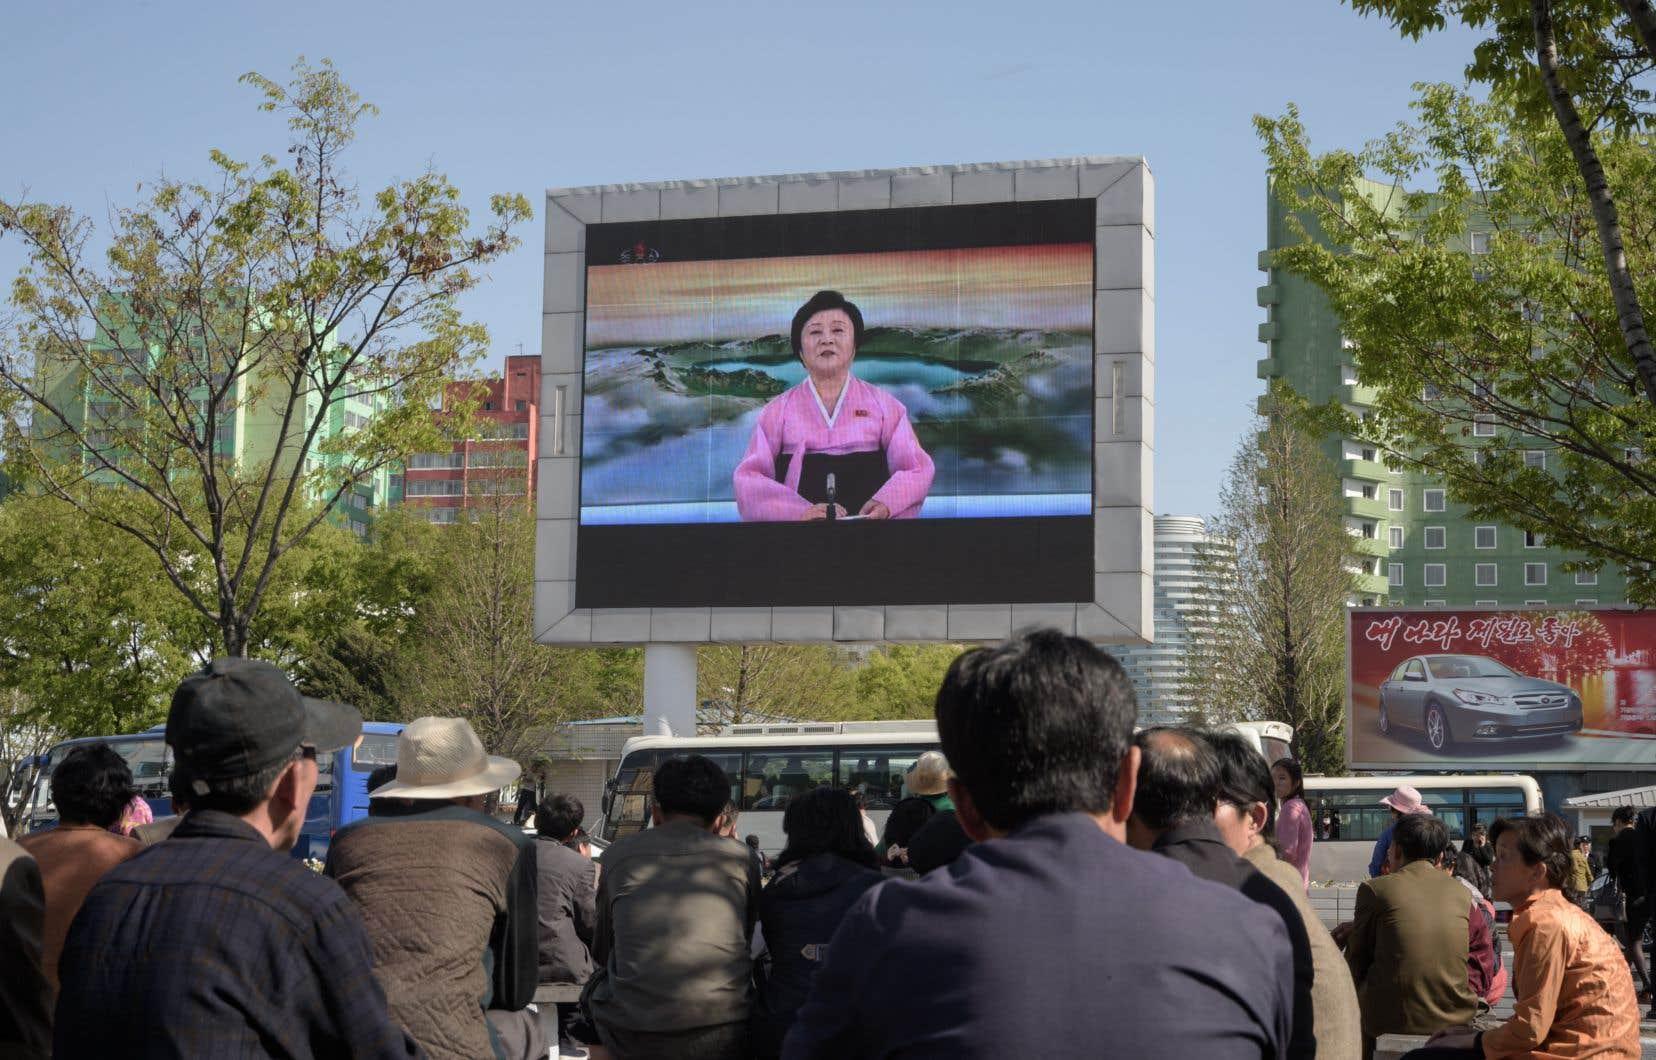 La présentatrice Ri Chun-hee annonce la fin des essais nucléaires, samedi, à la télévision nationale nord-coréenne.